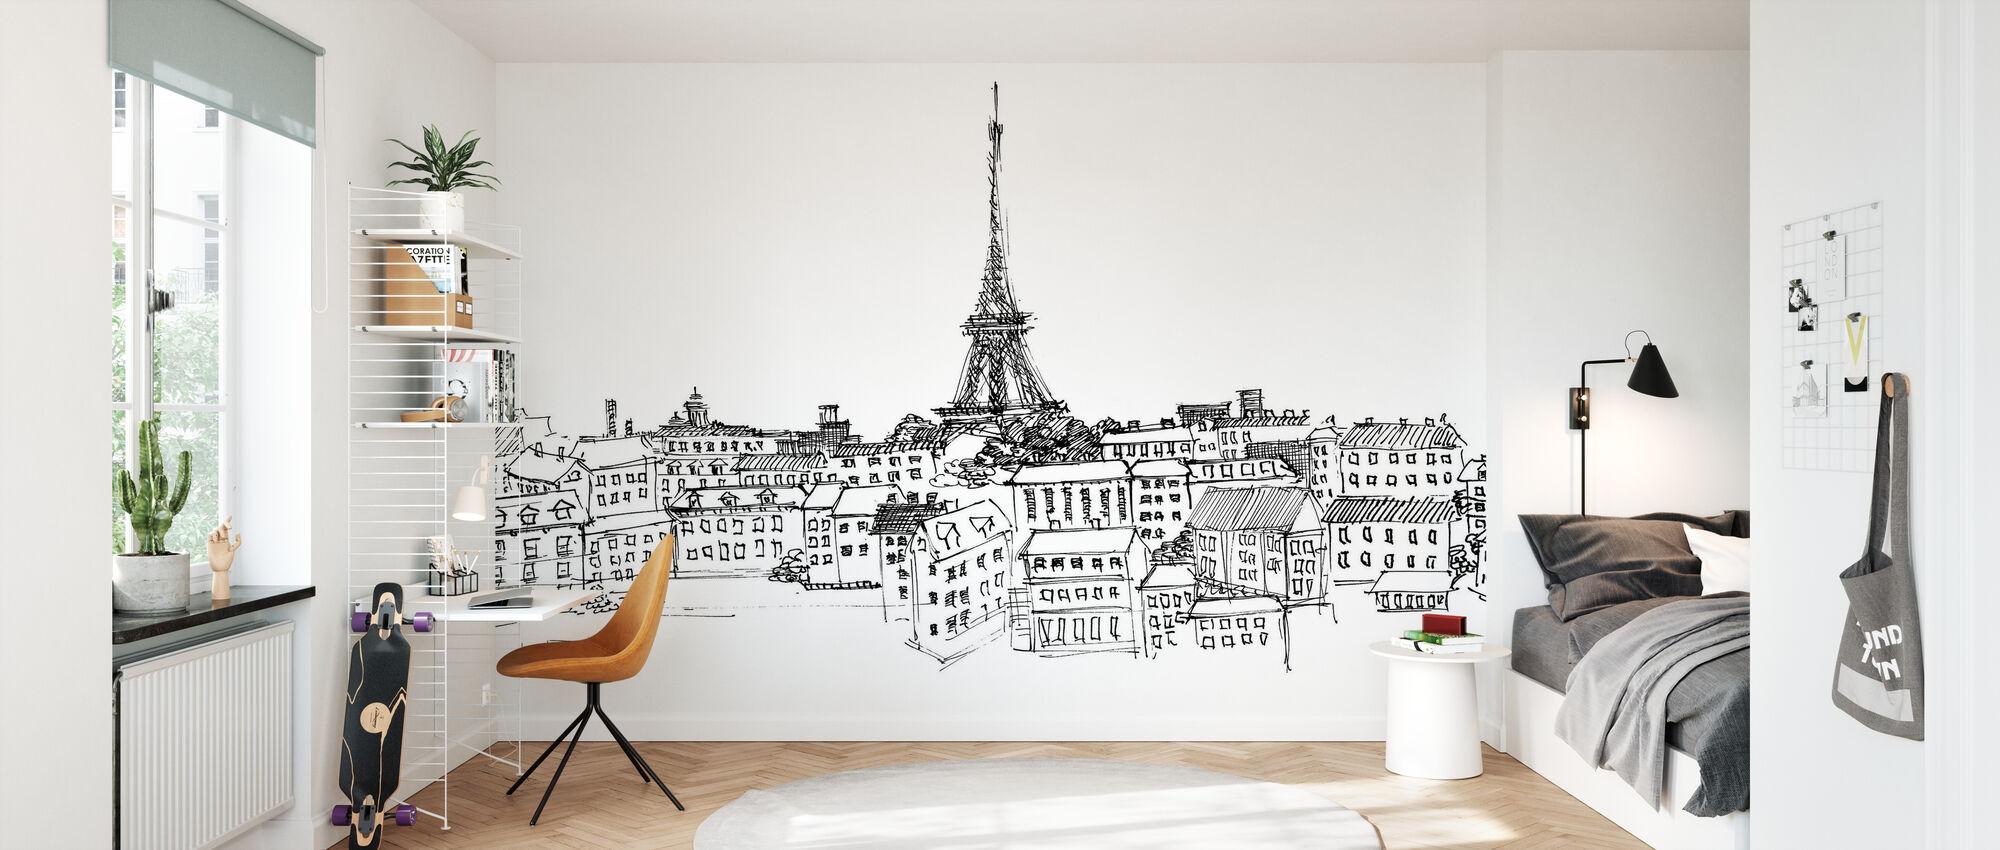 Avery Tillmon - Paris Skyline - Wallpaper - Kids Room